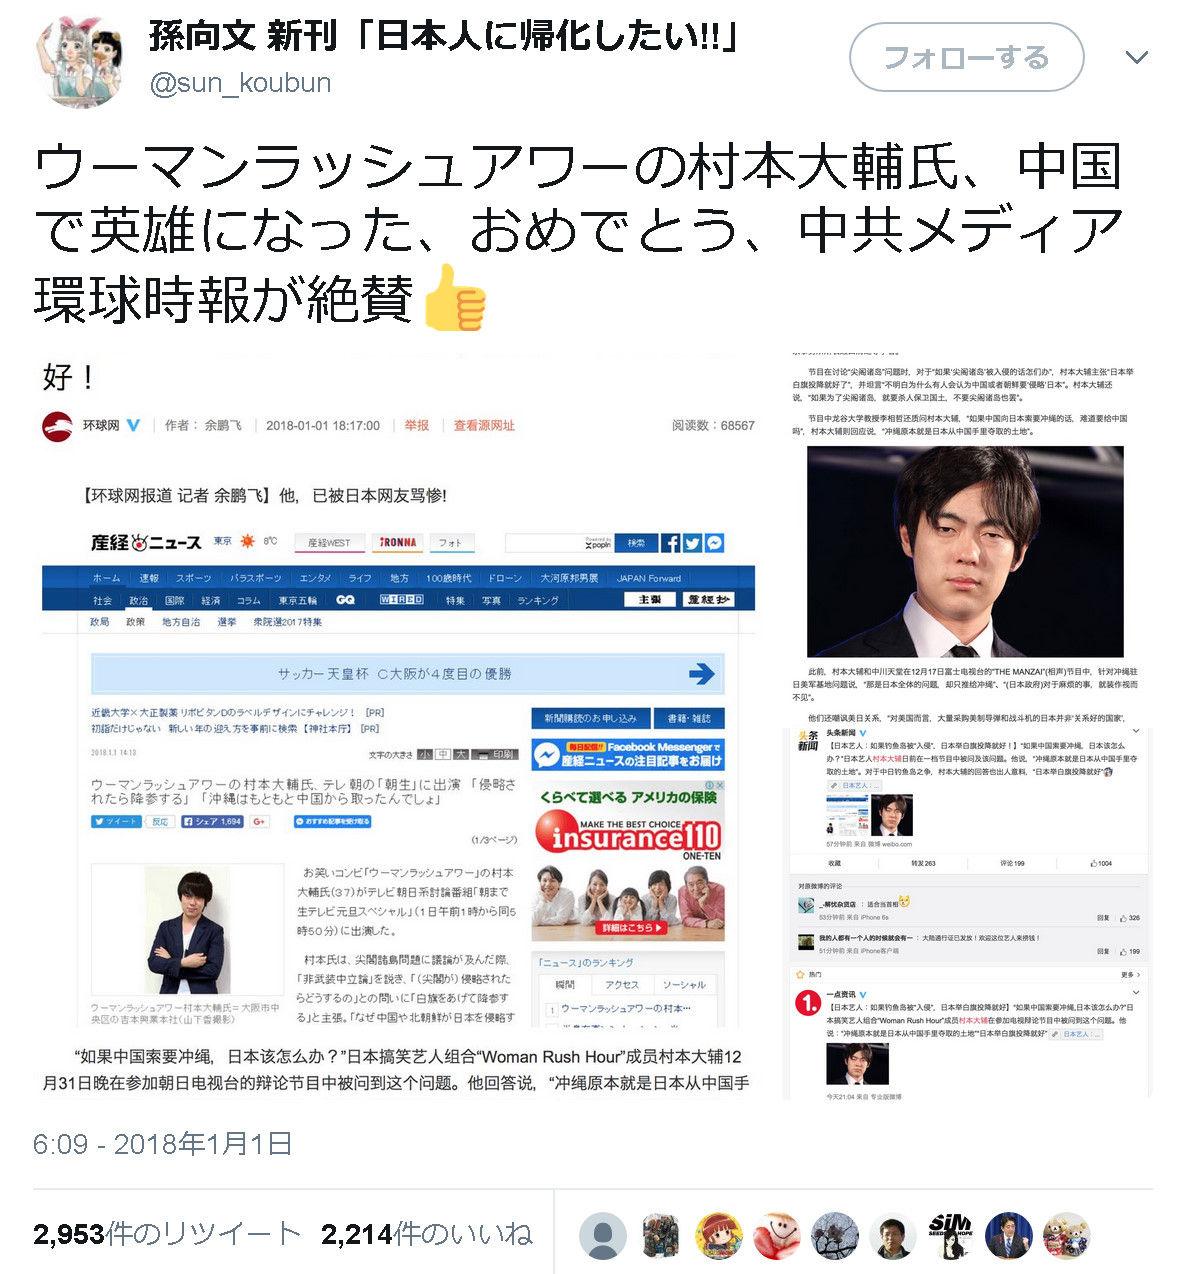 http://livedoor.blogimg.jp/gensen_2ch/imgs/8/6/8686f265.jpg